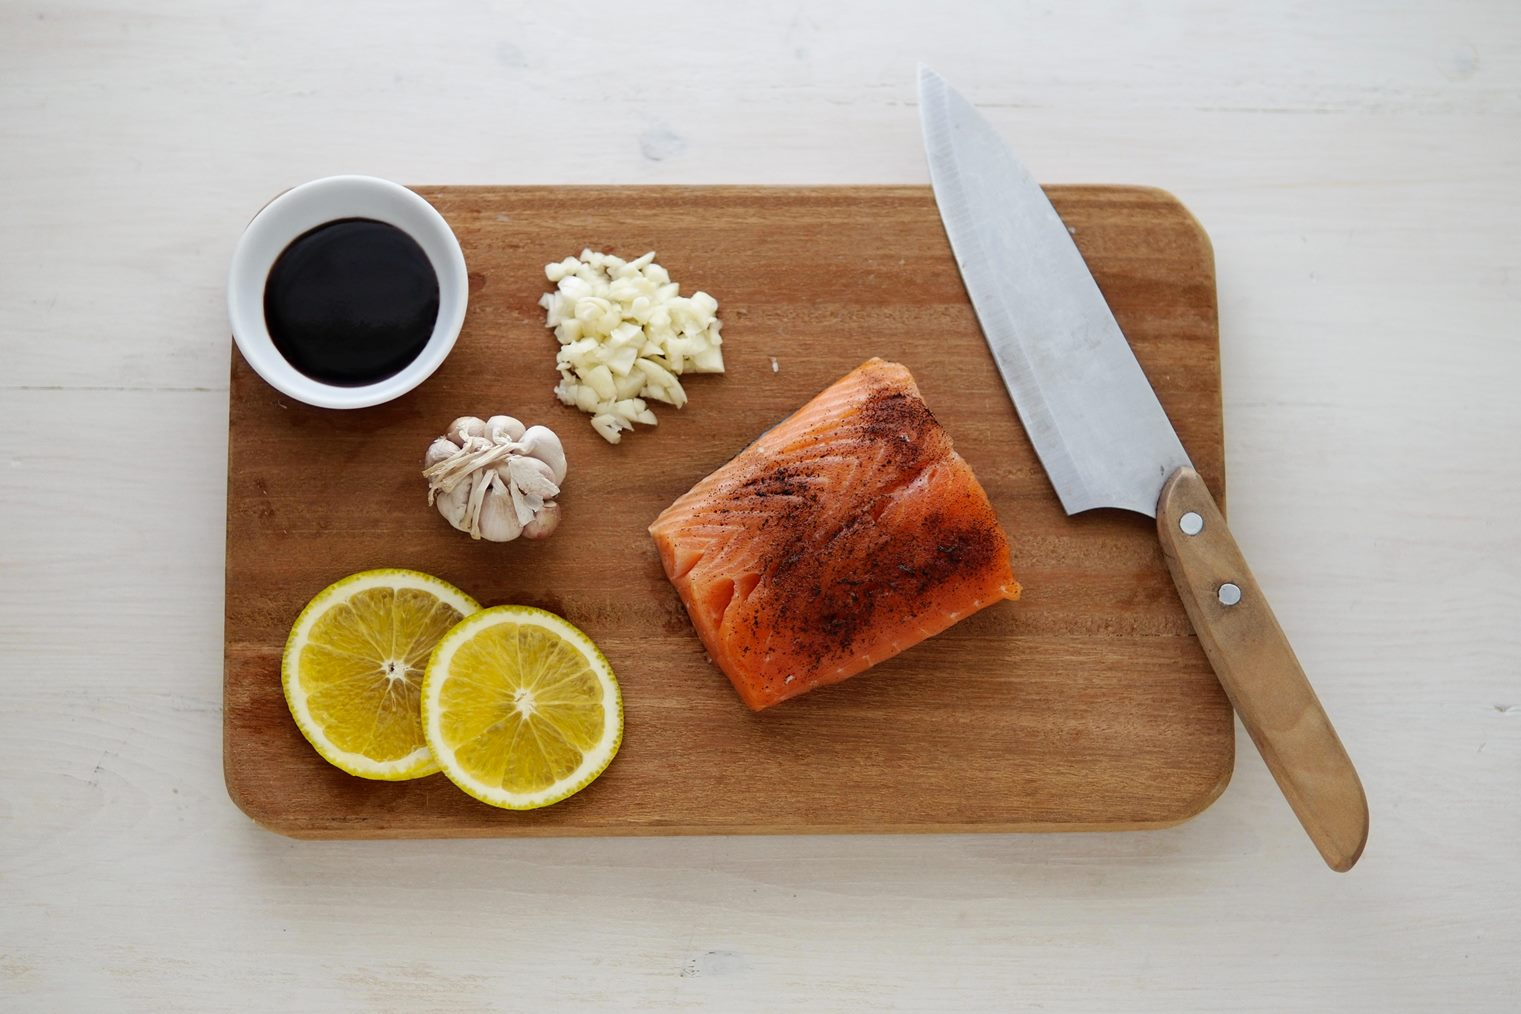 أضيفي البصل إلى نظامك الغذائي